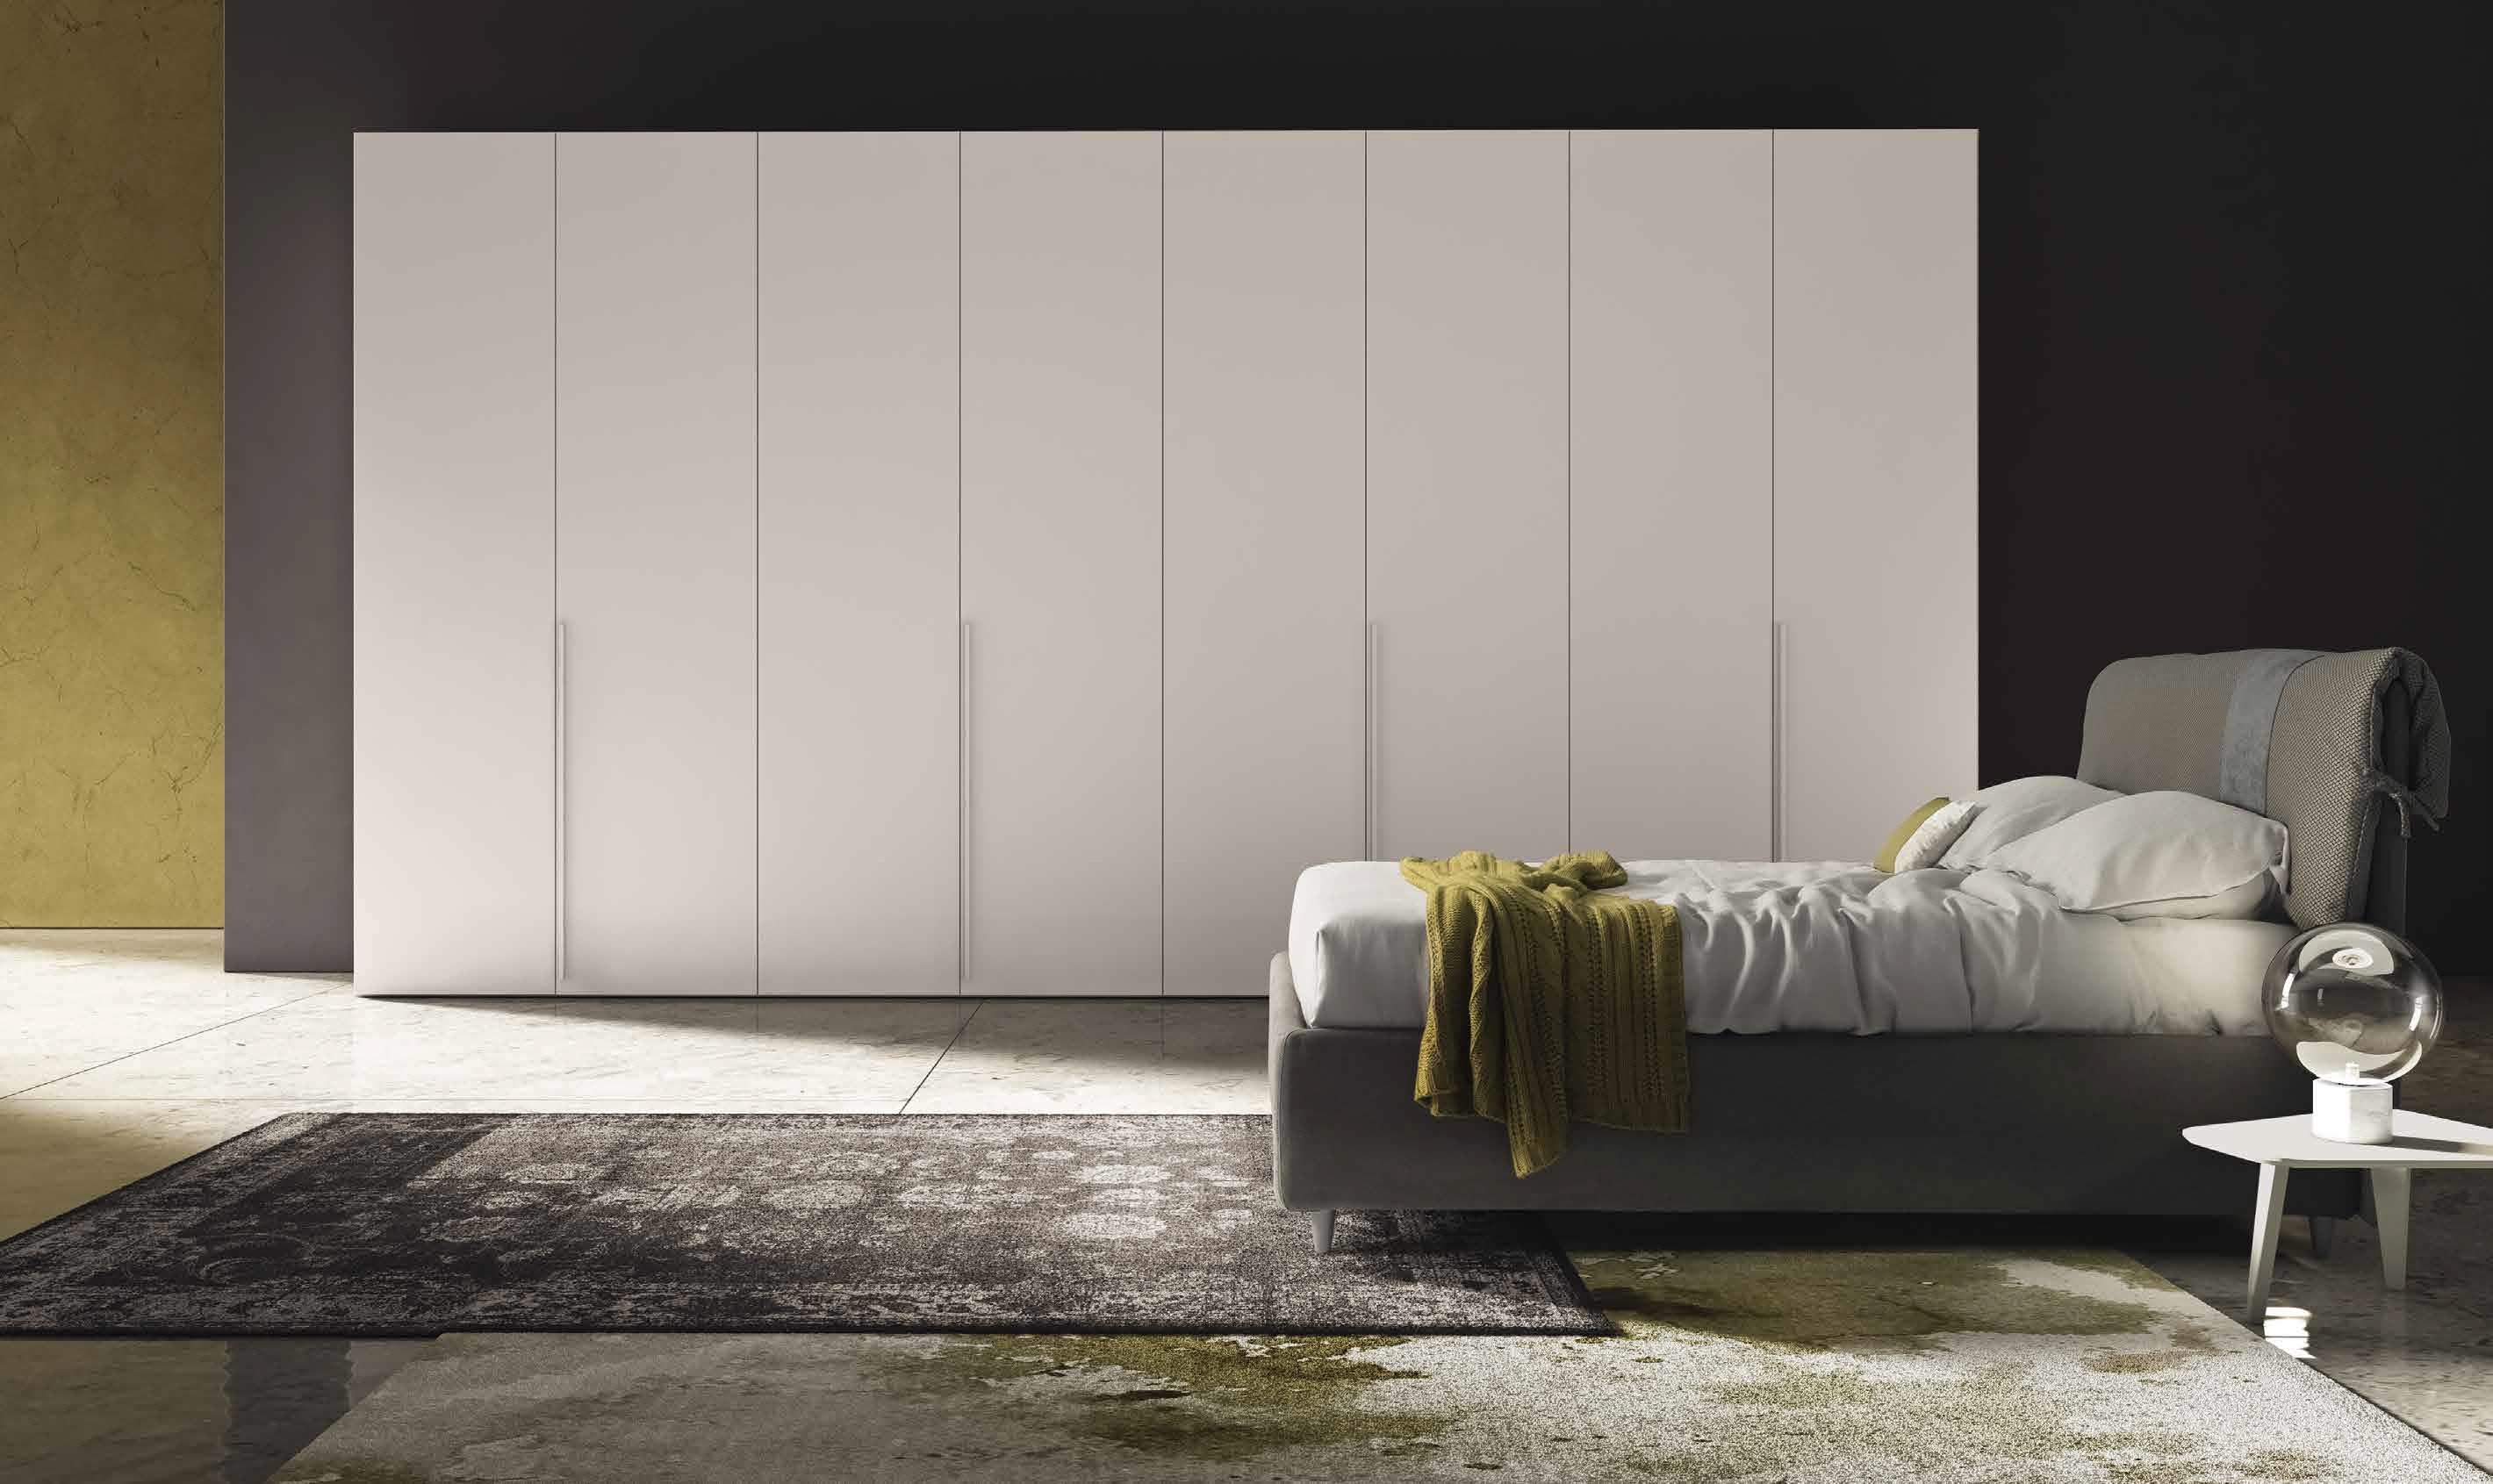 Armadi ante battenti vitalyty sogno u2013 studio di interior design